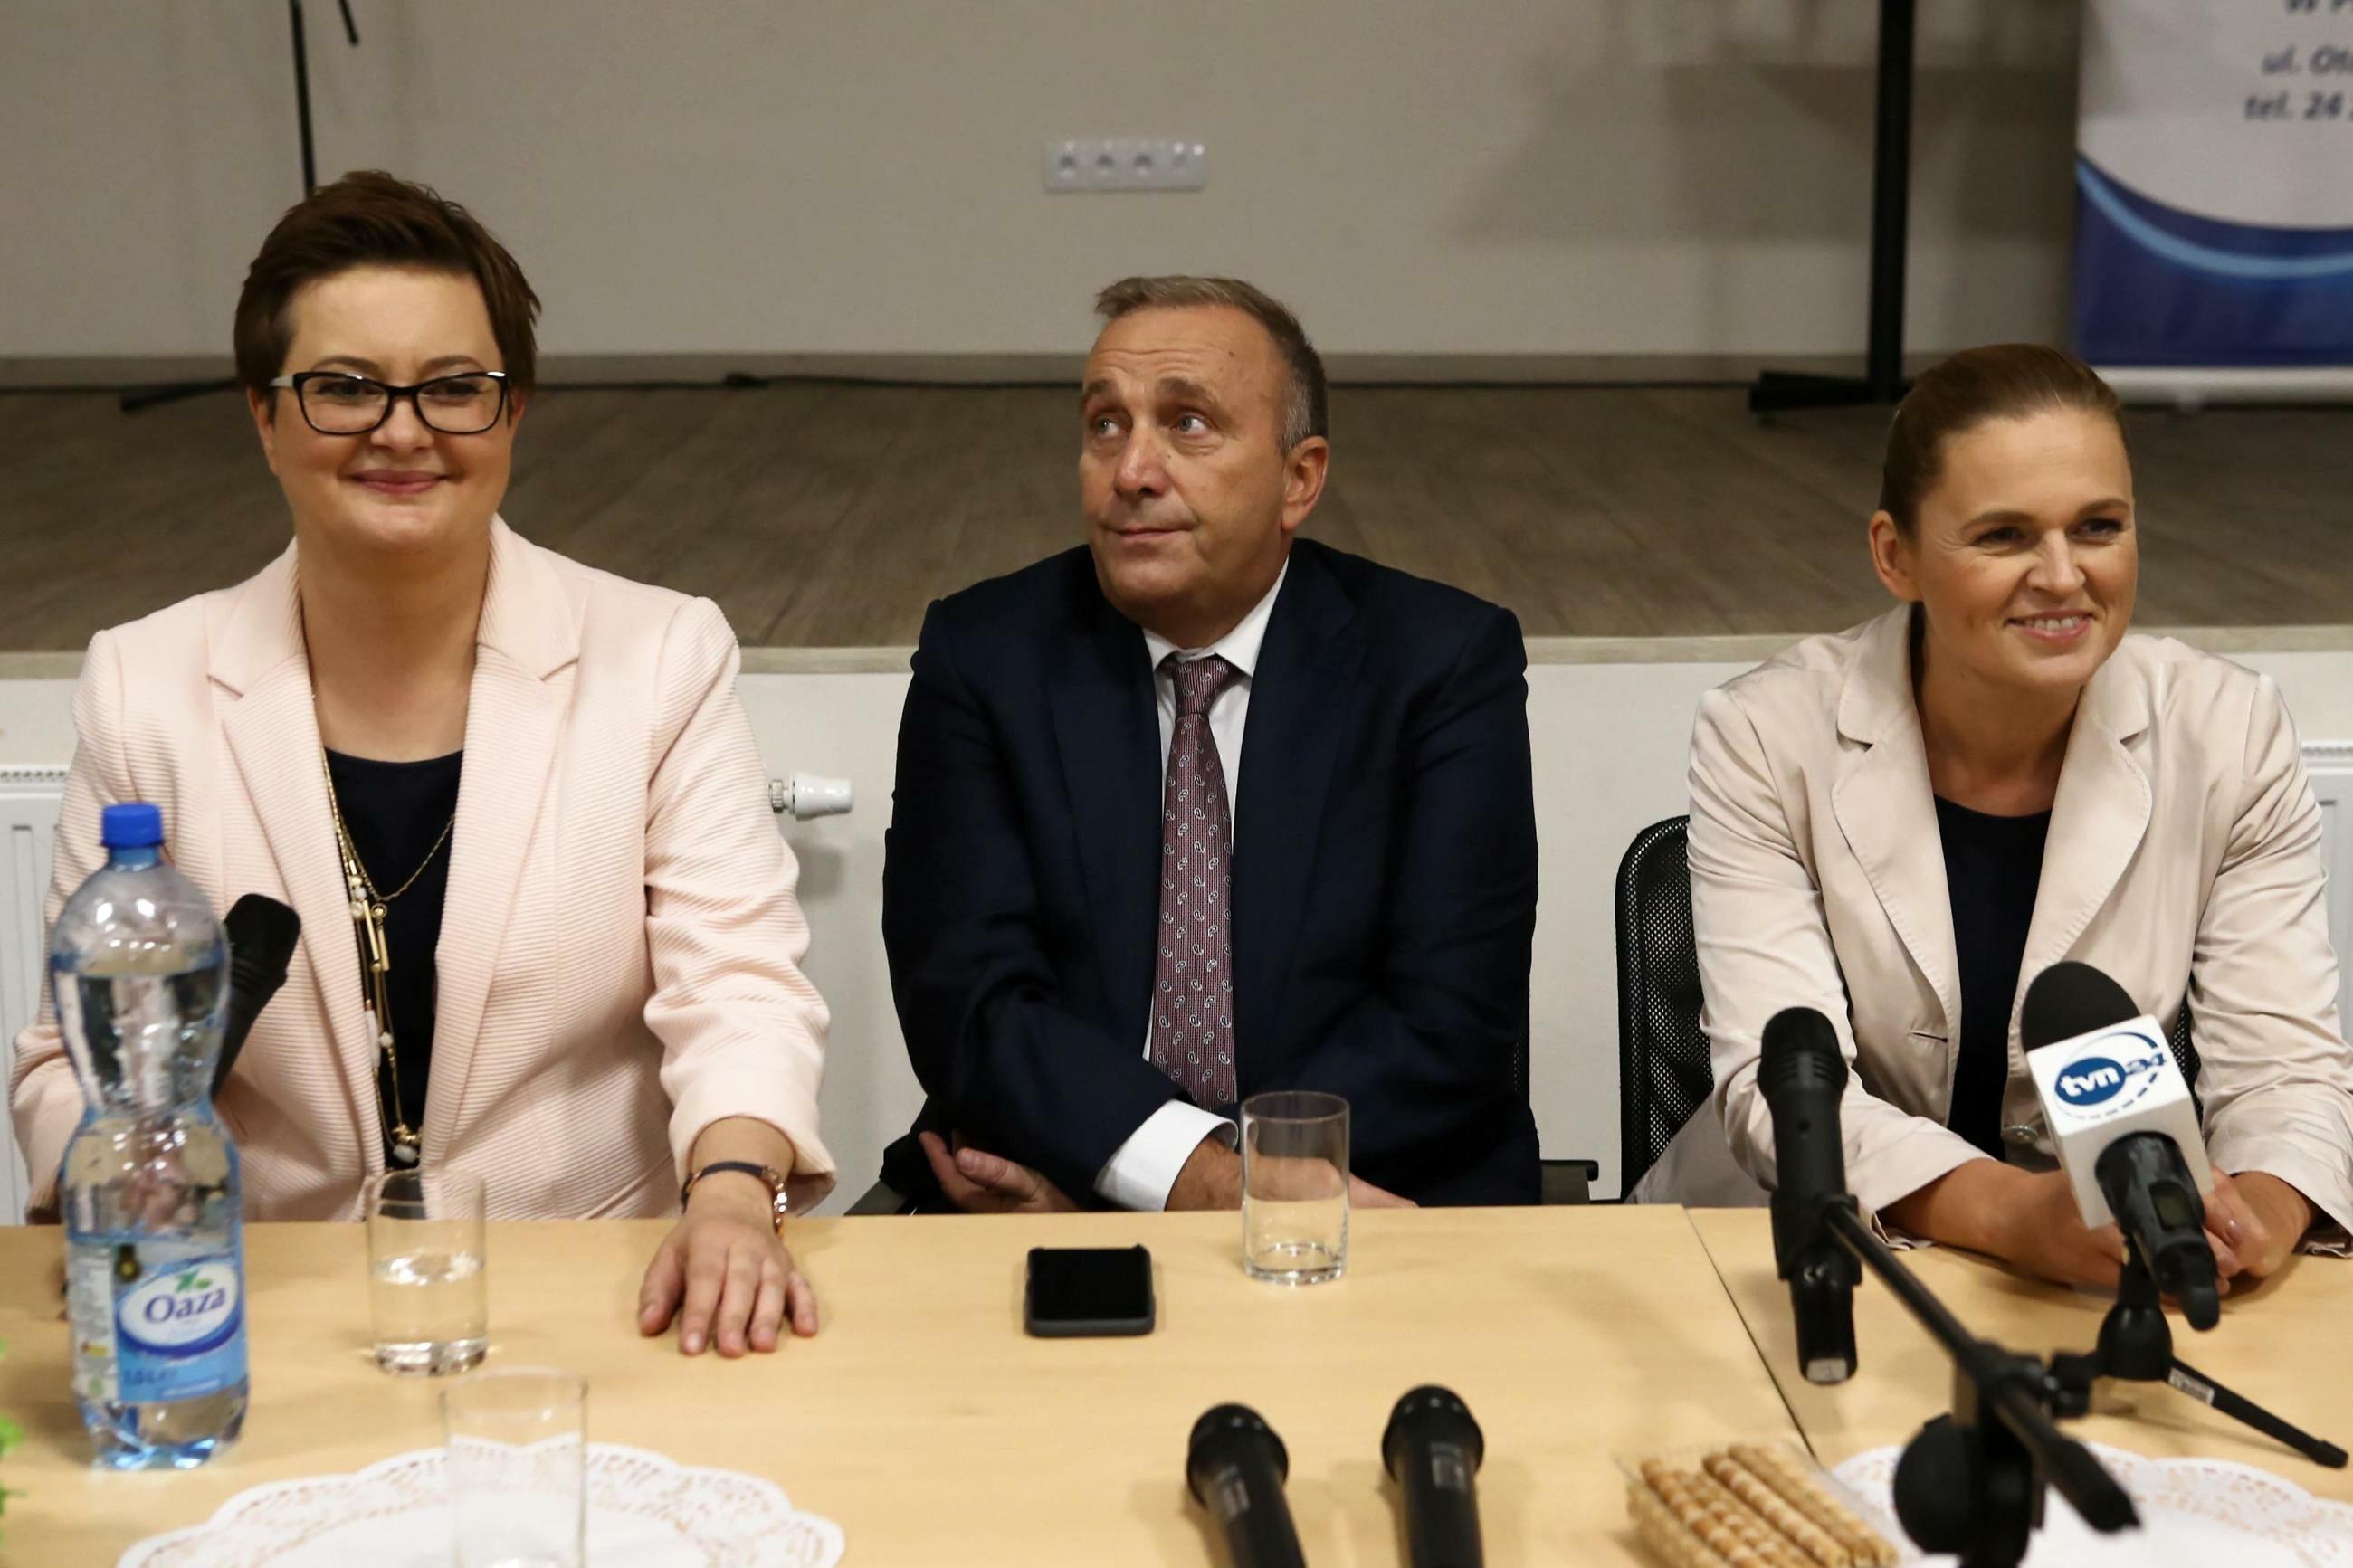 Katarzyna Lubnauer, Grzegorz Schetyna, Barbara Nowacka